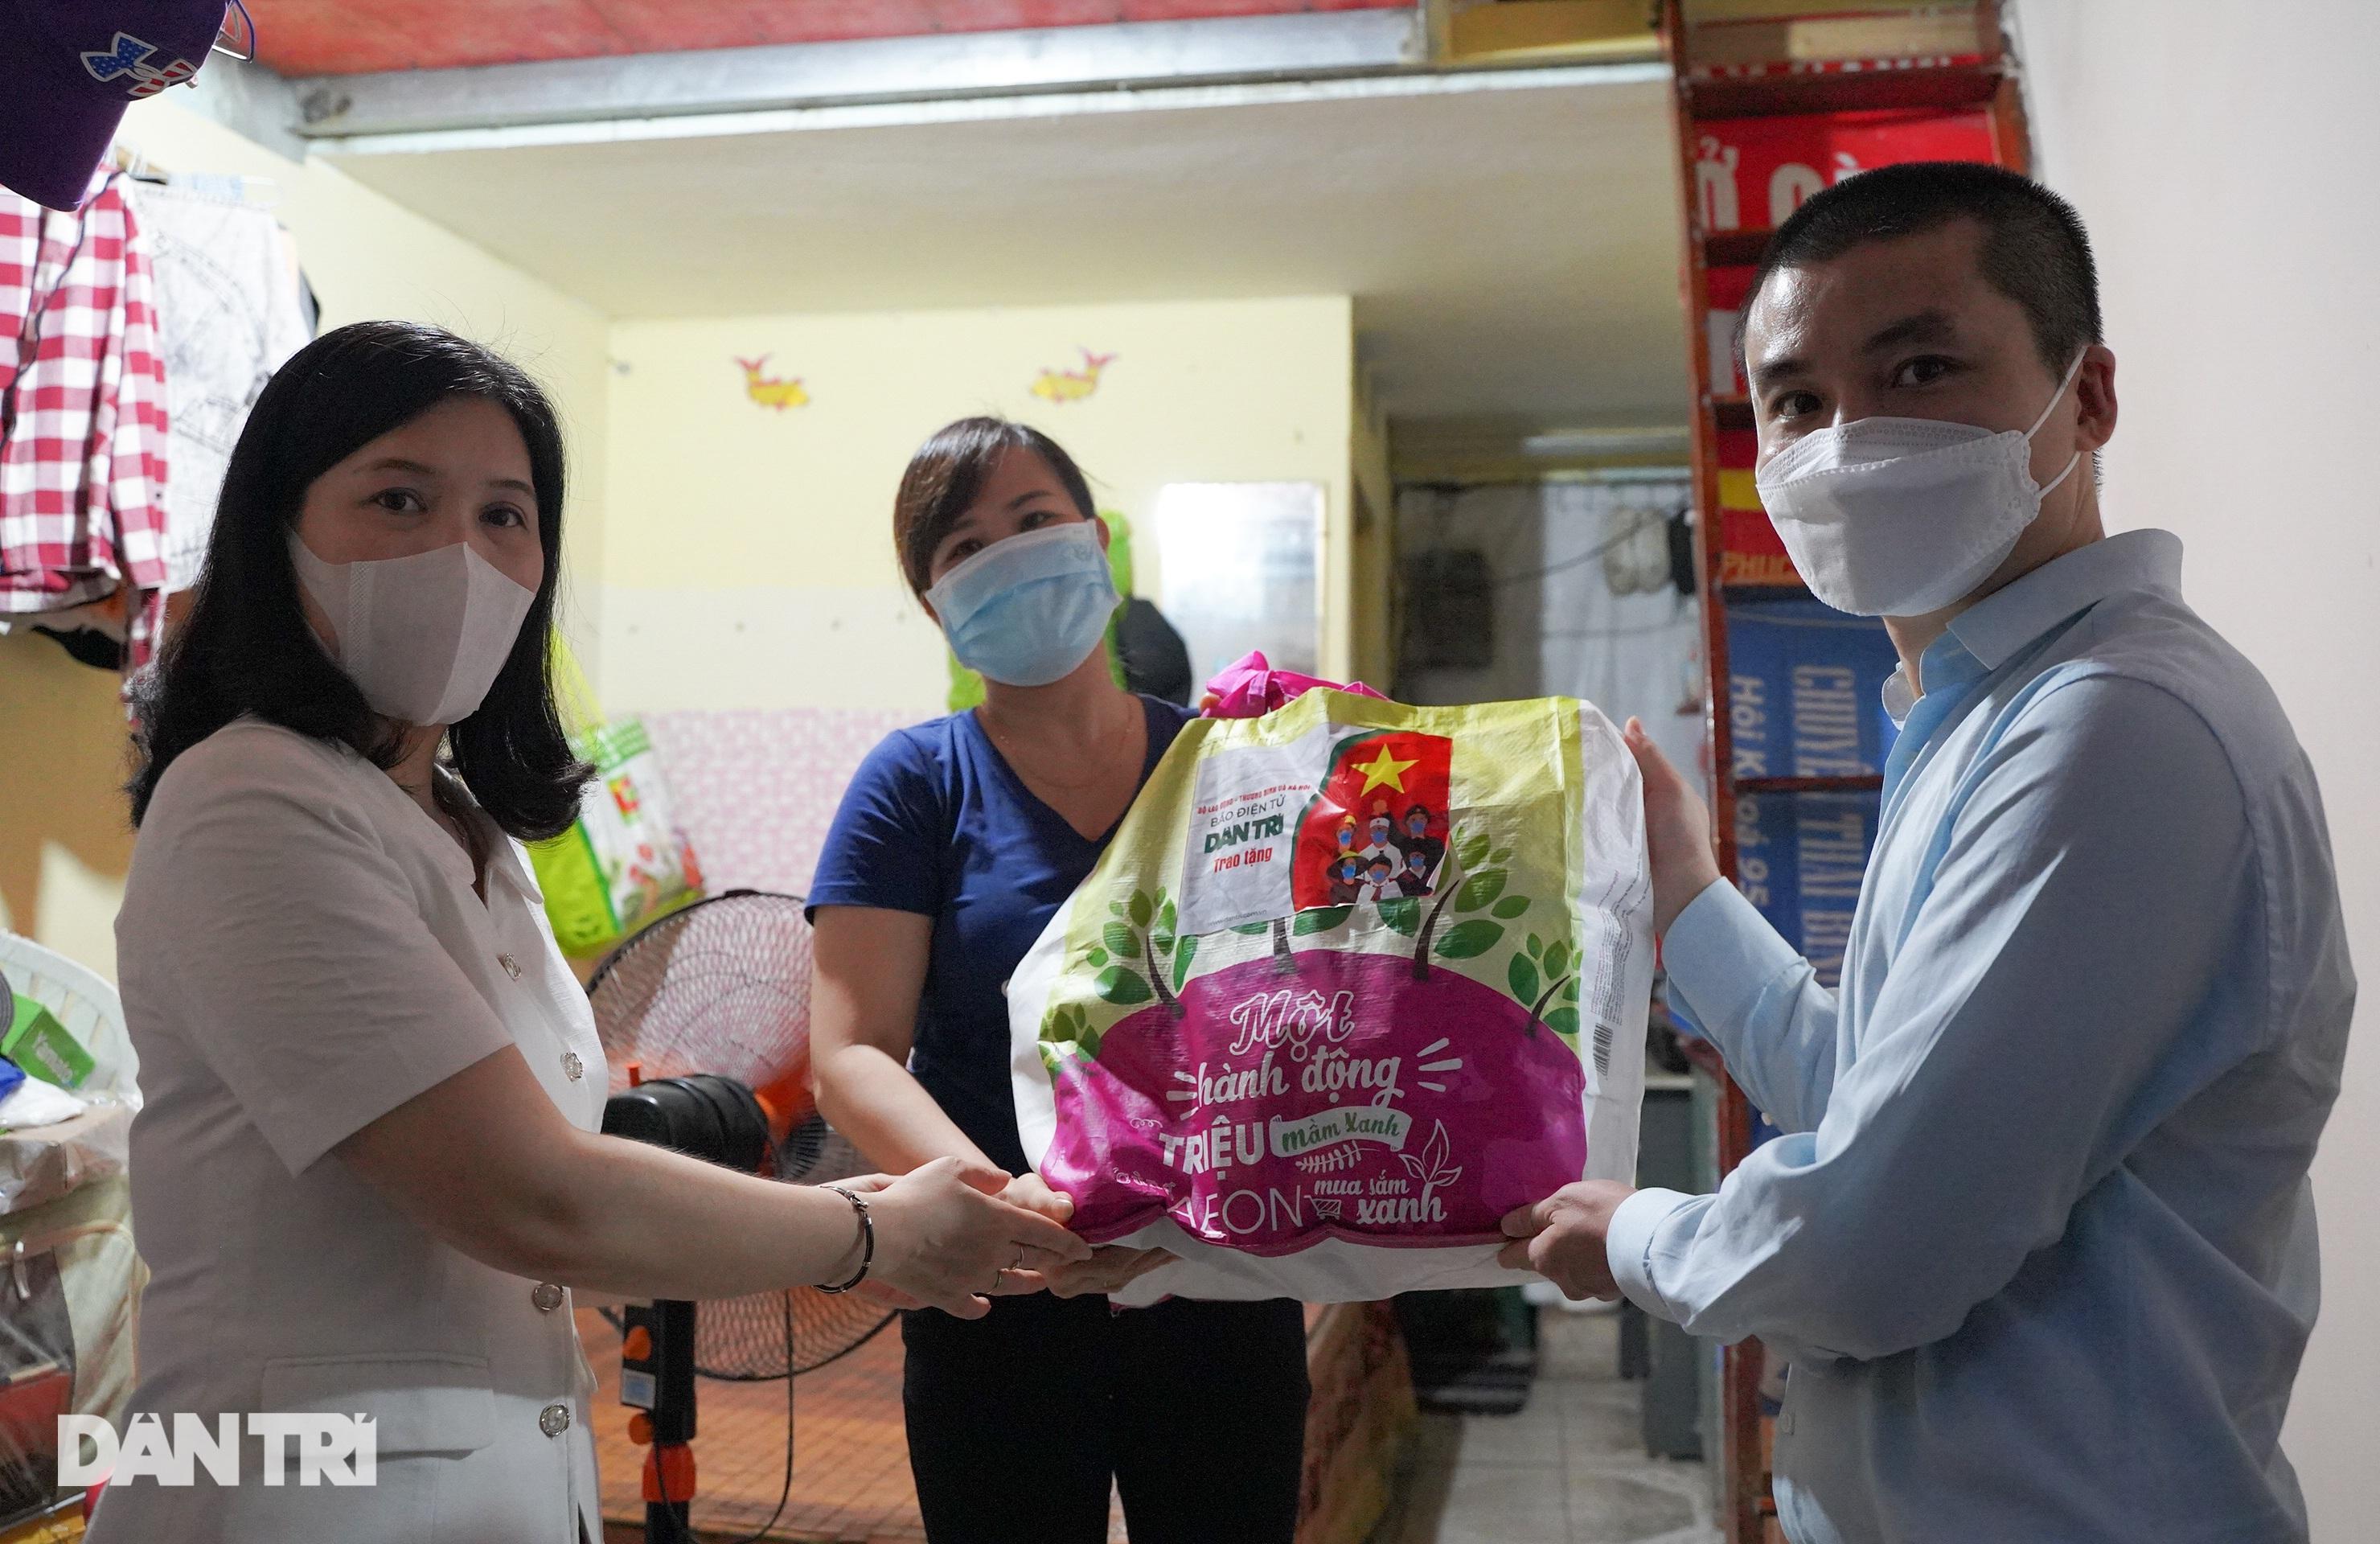 Trao 800 túi an sinh đến lao động tự do gặp khó khăn do dịch bệnh Covid-19 - 14